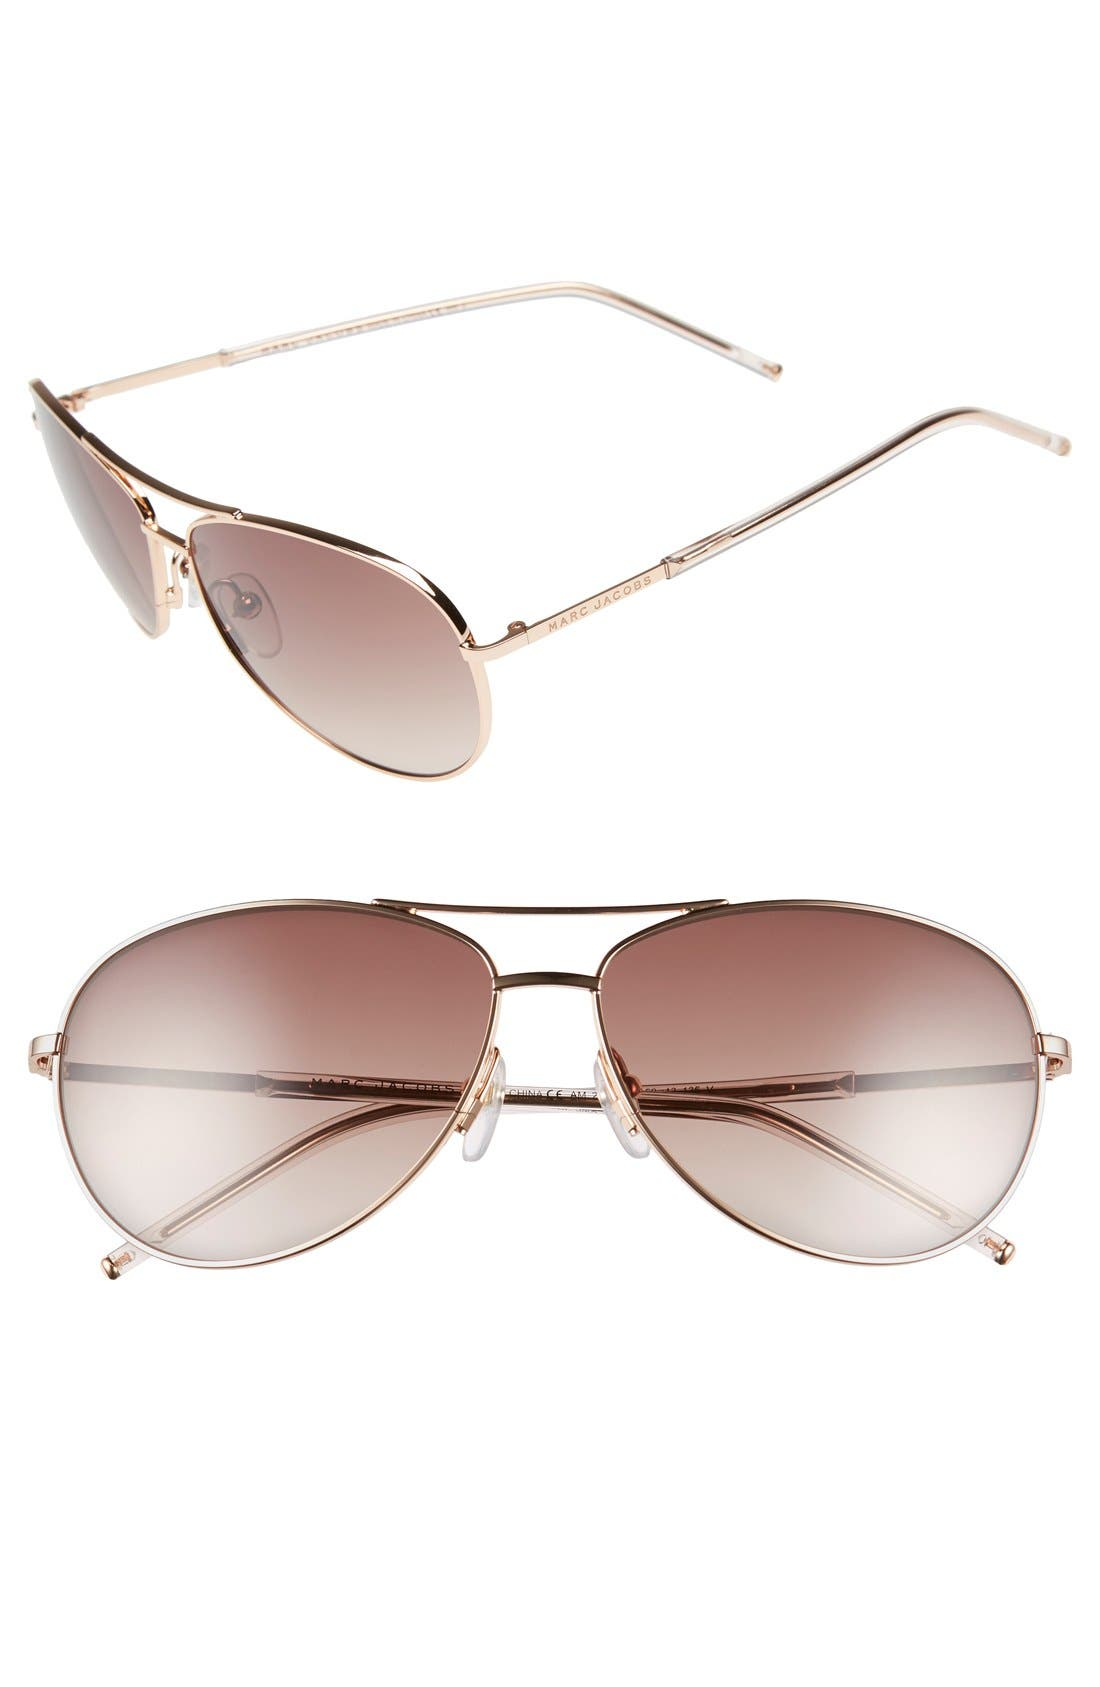 59mm Aviator Sunglasses,                         Main,                         color, Gold Copper